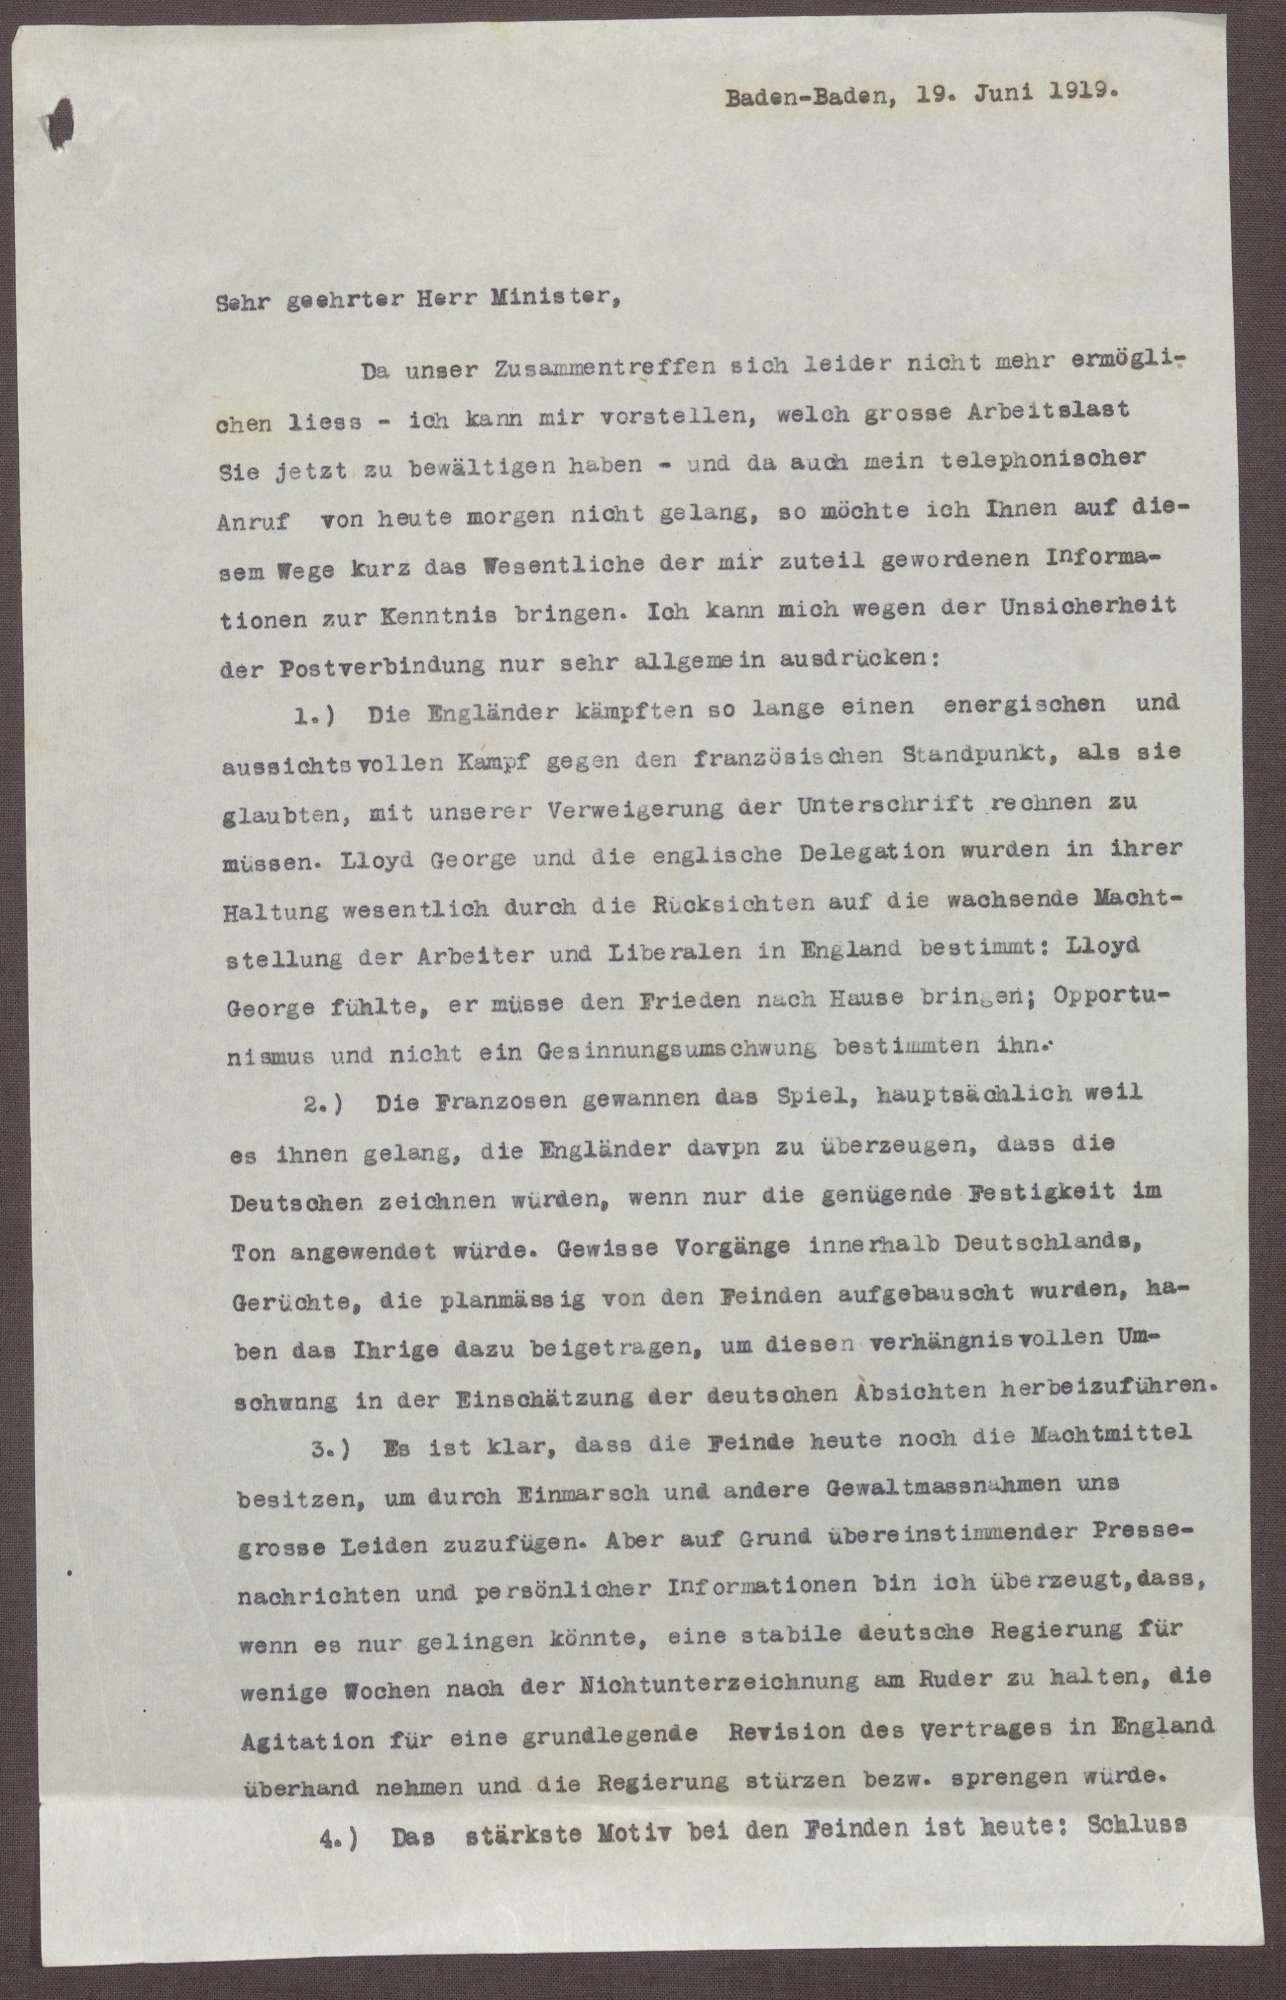 Schreiben von Prinz Max von Baden an Ludwig Haas; Ablehnung des Friedensvertrags, Verhältnis der Reichsregierung zu Preußen und zum Heer, Bild 1